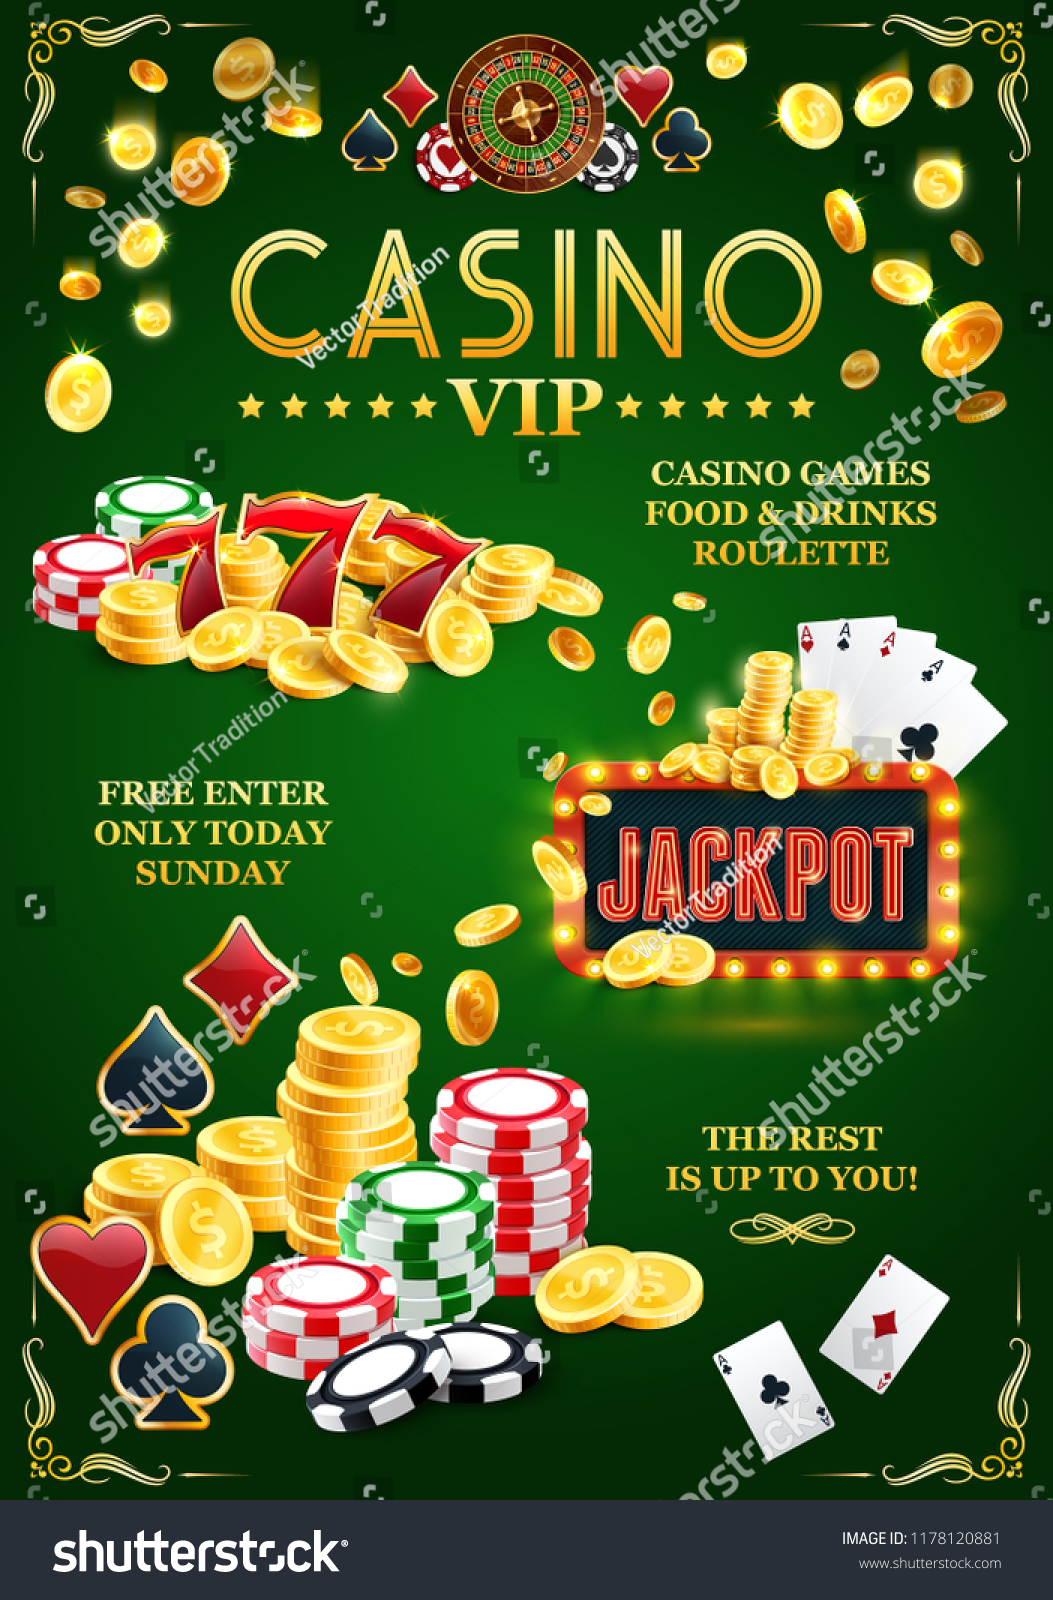 Vip casino online играть в карты дурака на реальные деньги